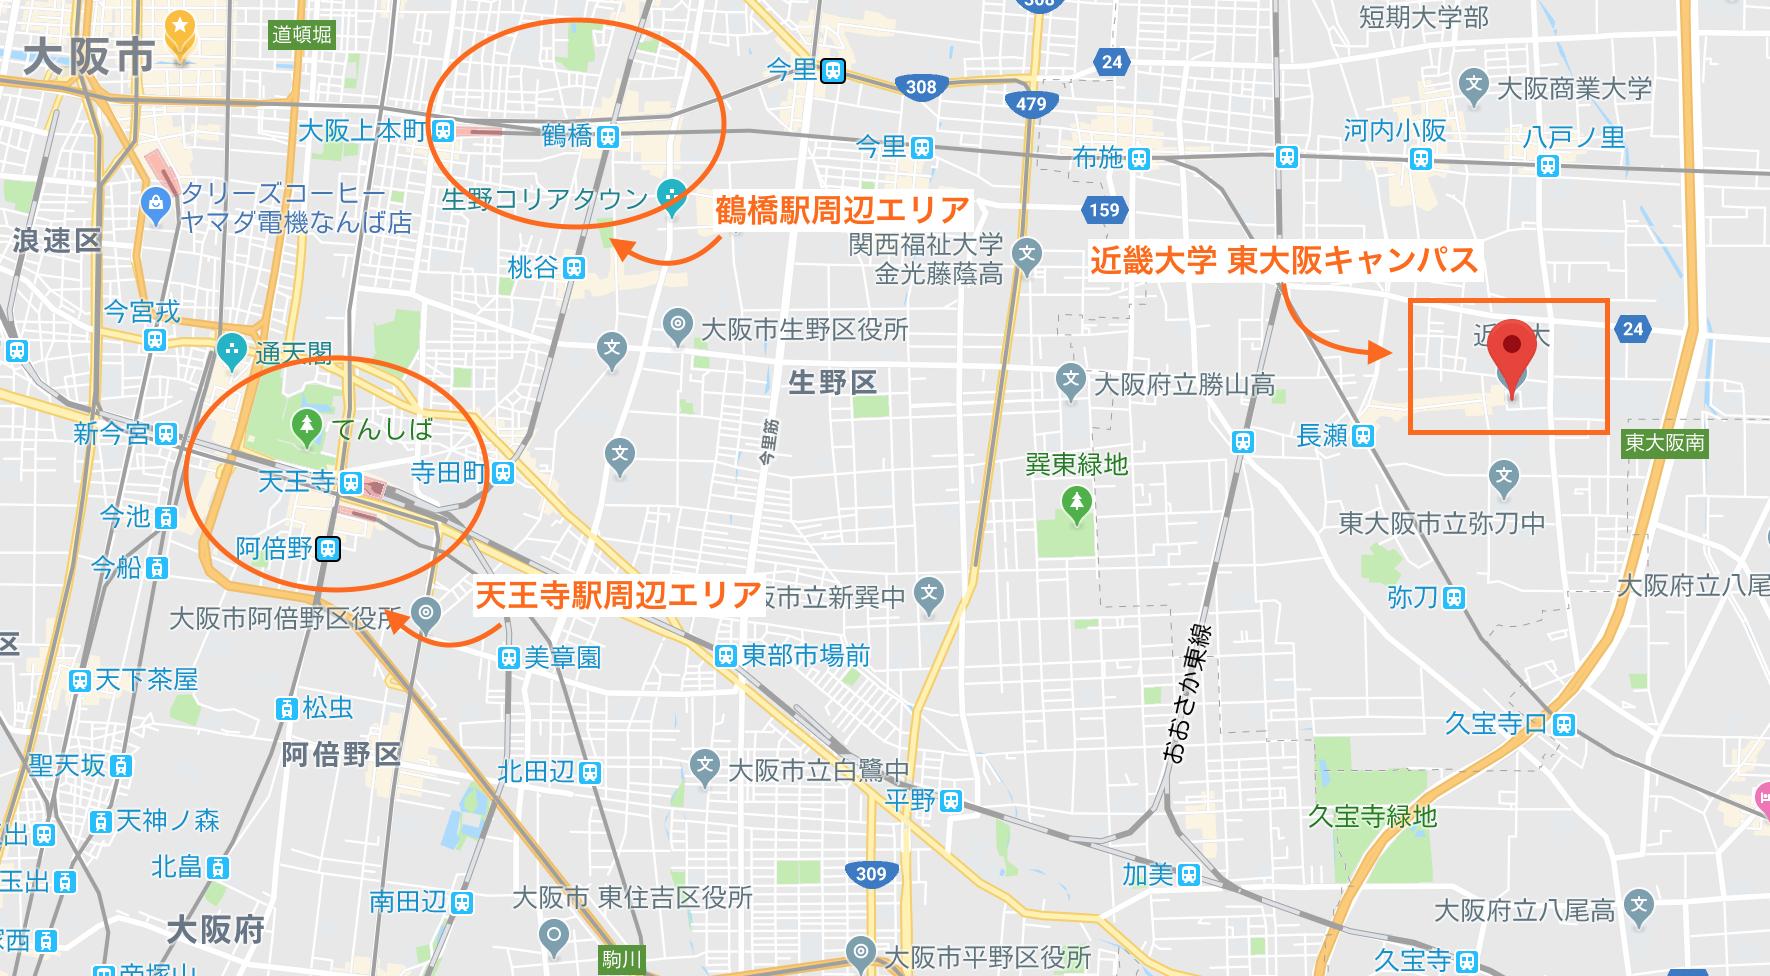 近畿大学の東大阪キャンパス周辺の宿泊エリア